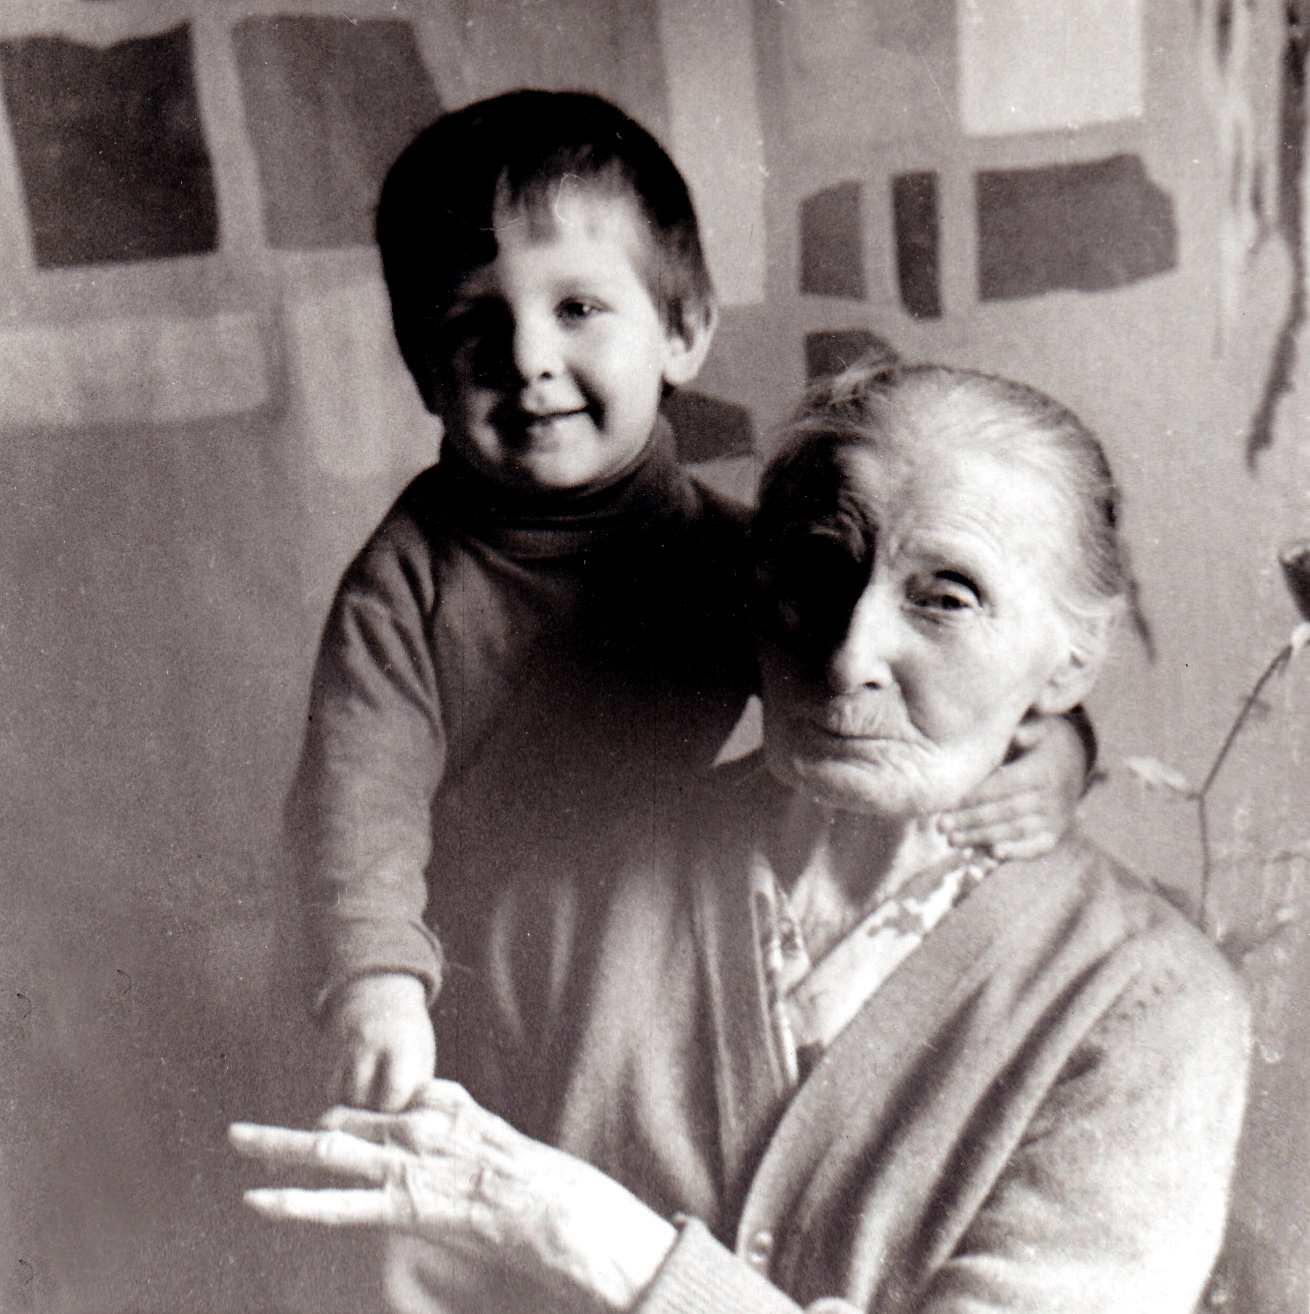 Экспонат #88. Вера Ивановна Микошас внукомВладиком.1951-1952 гг.